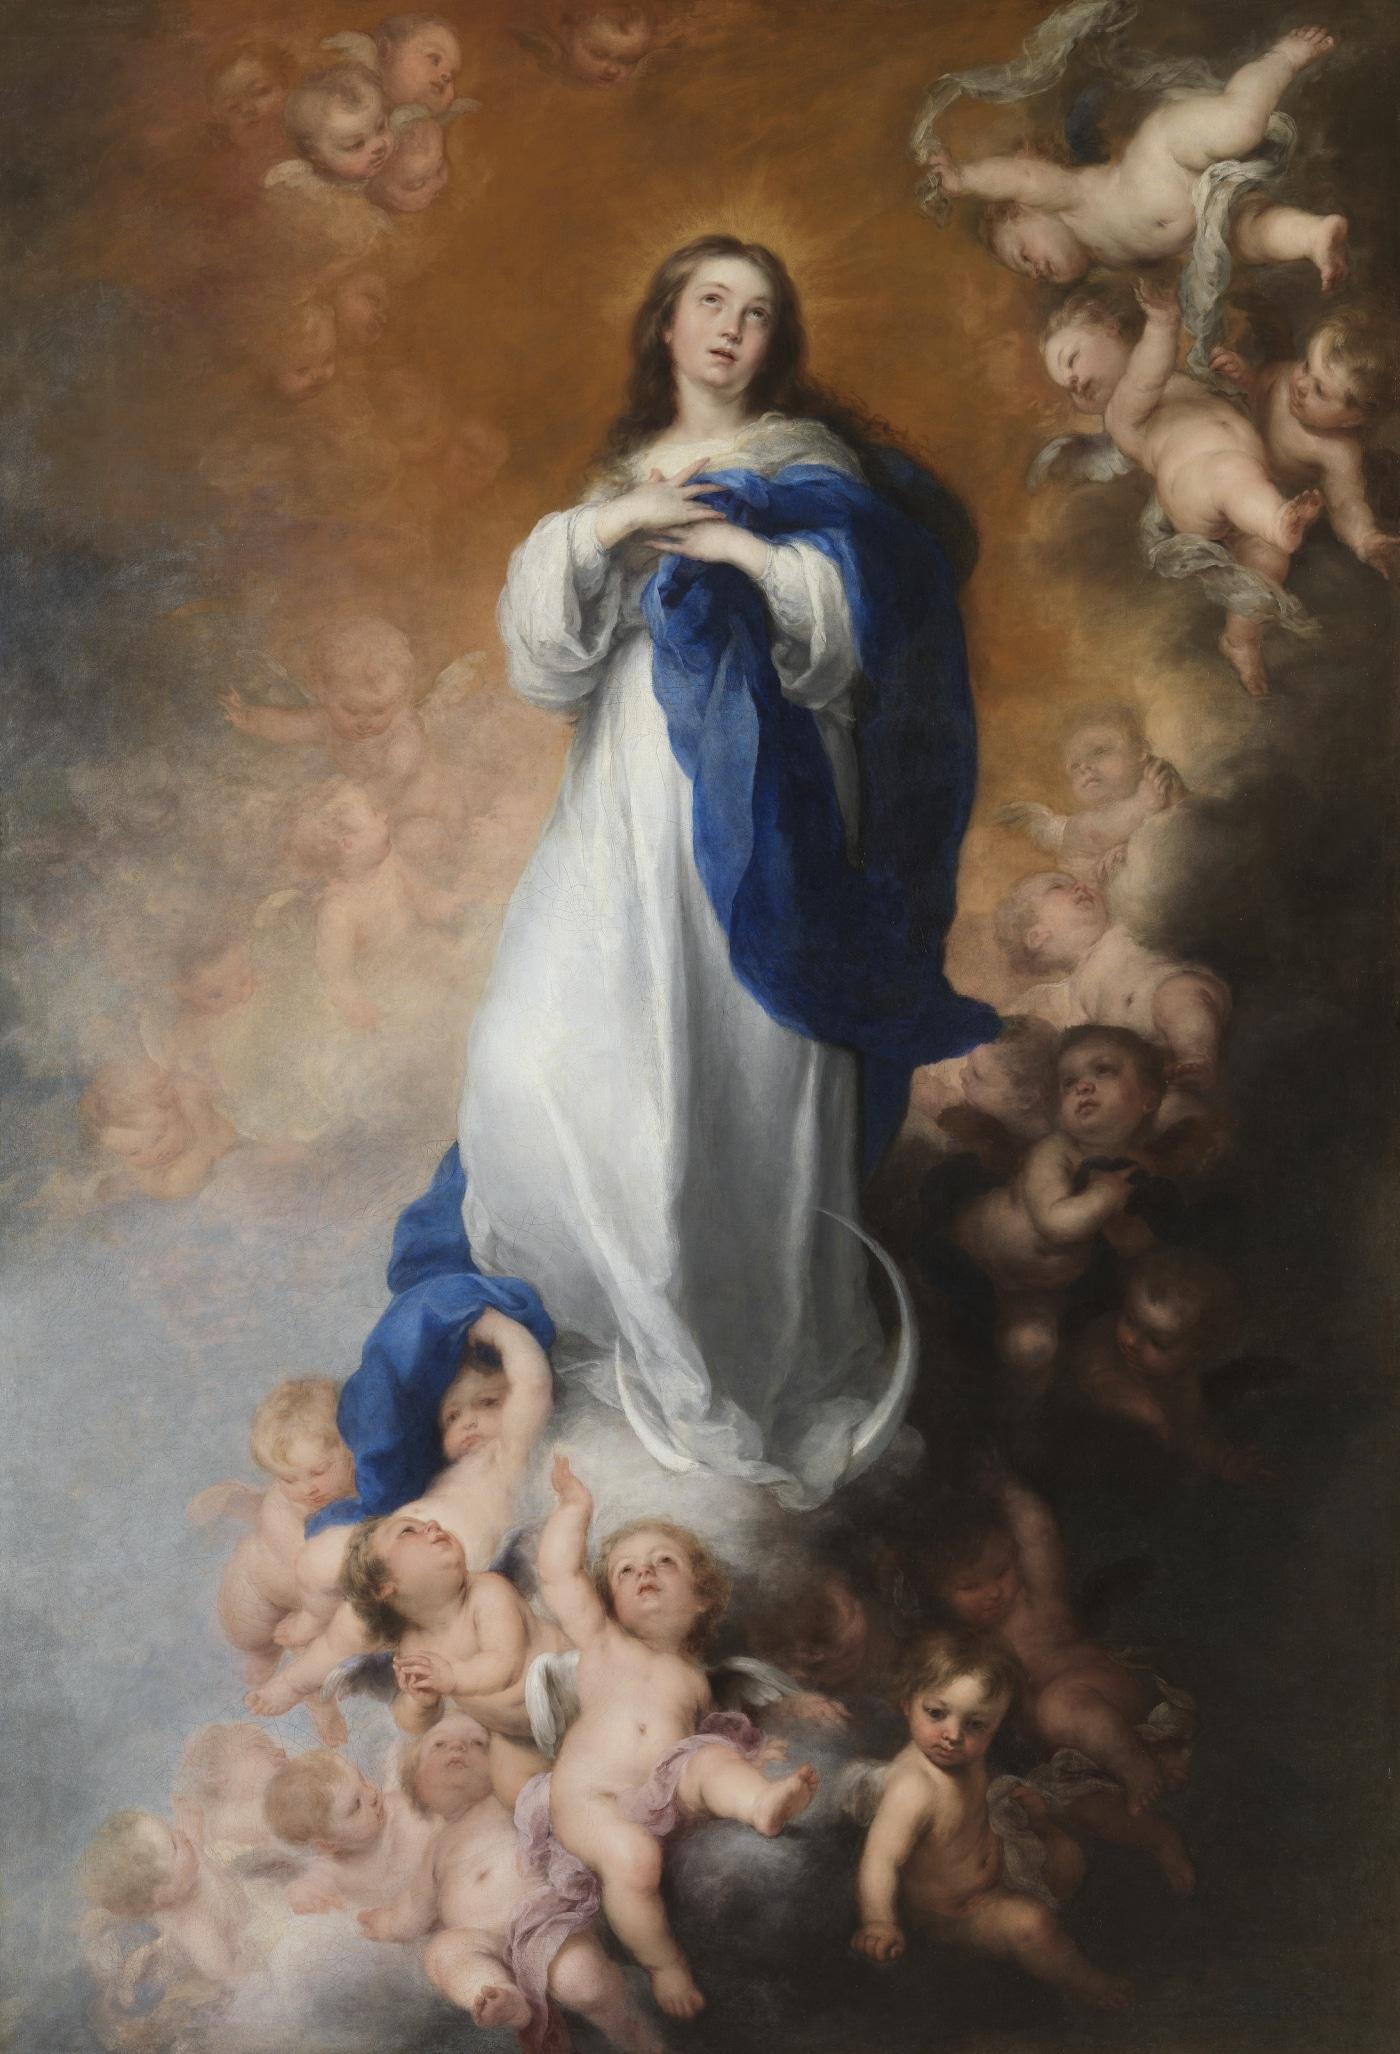 Inmaculada de Soult de Bartolomé Esteban Murillo